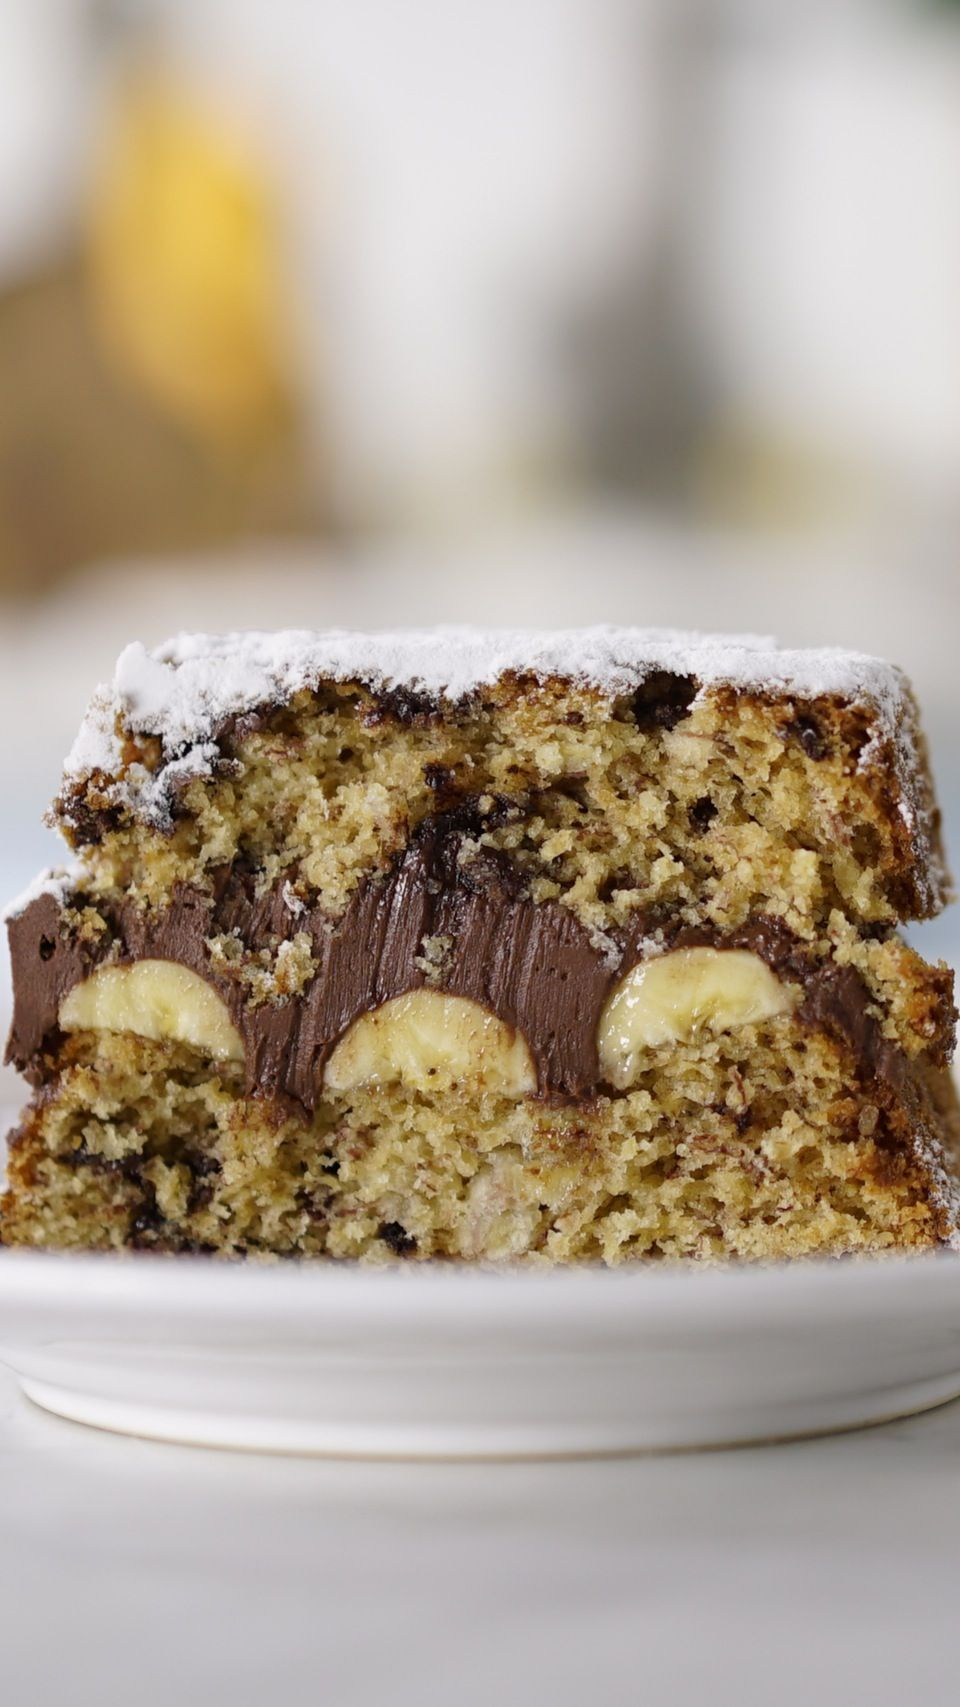 Bolo De Banana E Chocolate Receita Bolo De Chocolate Com Banana Receitas E Receitas Saborosas